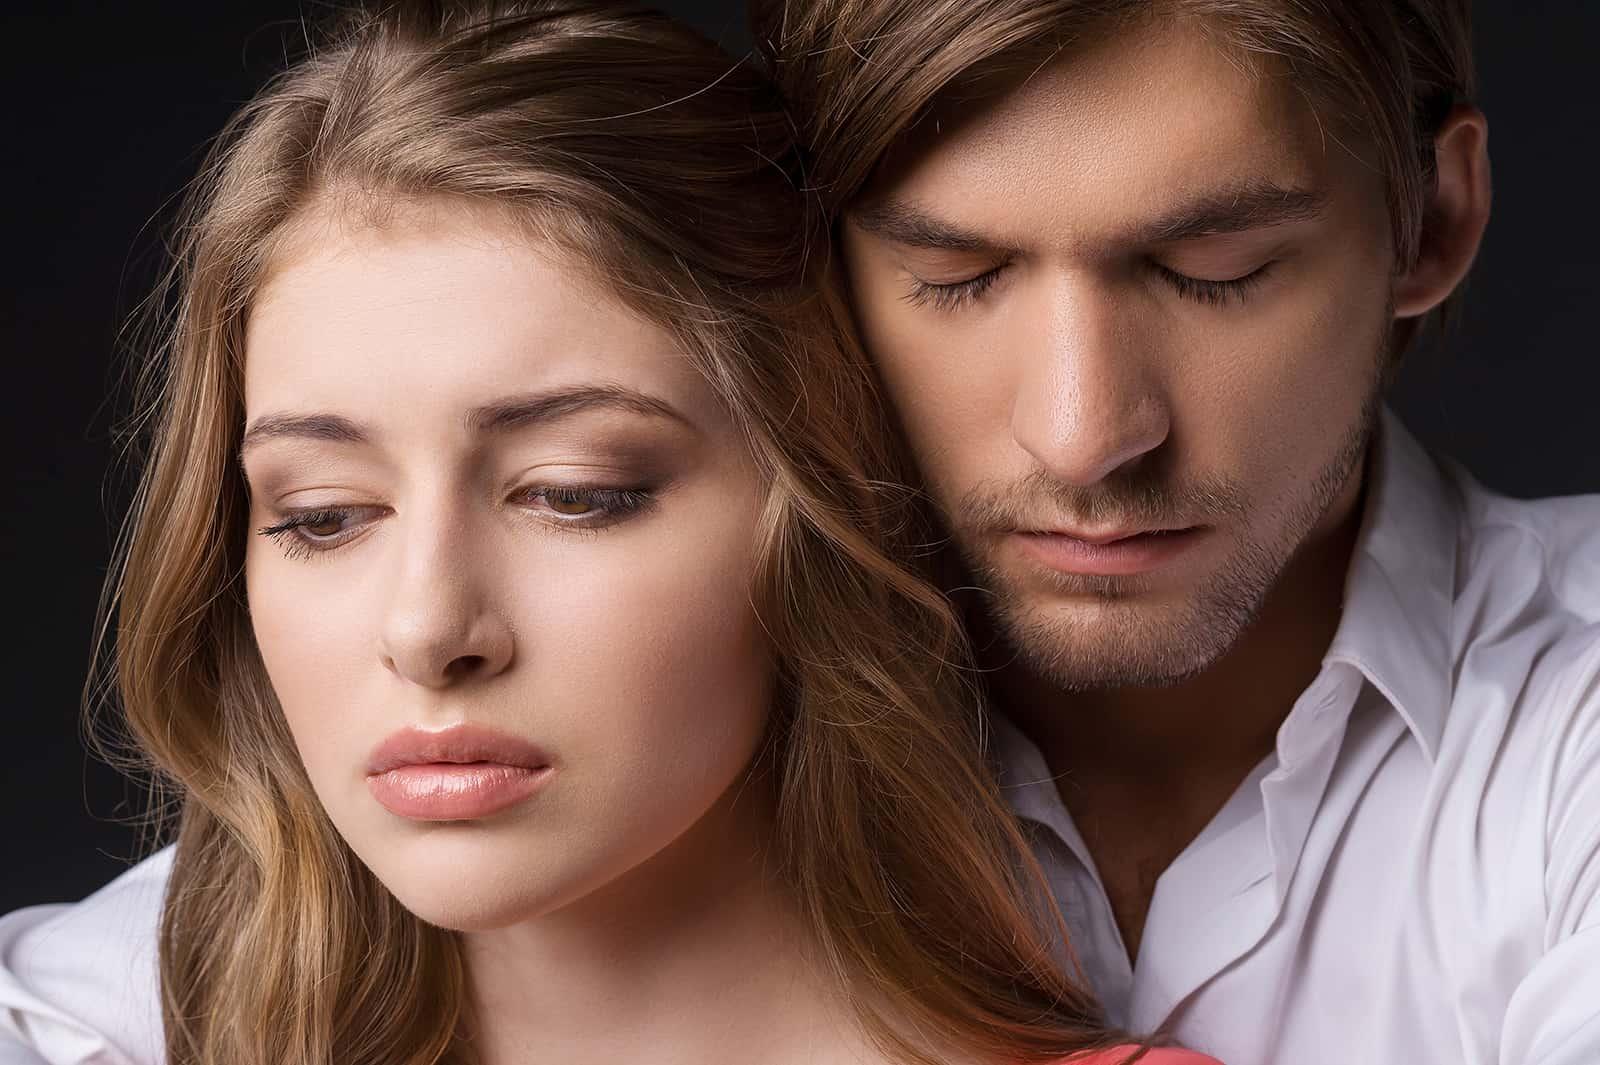 Ein Mann mit geschlossenen Augen umarmt eine traurige Frau von hinten